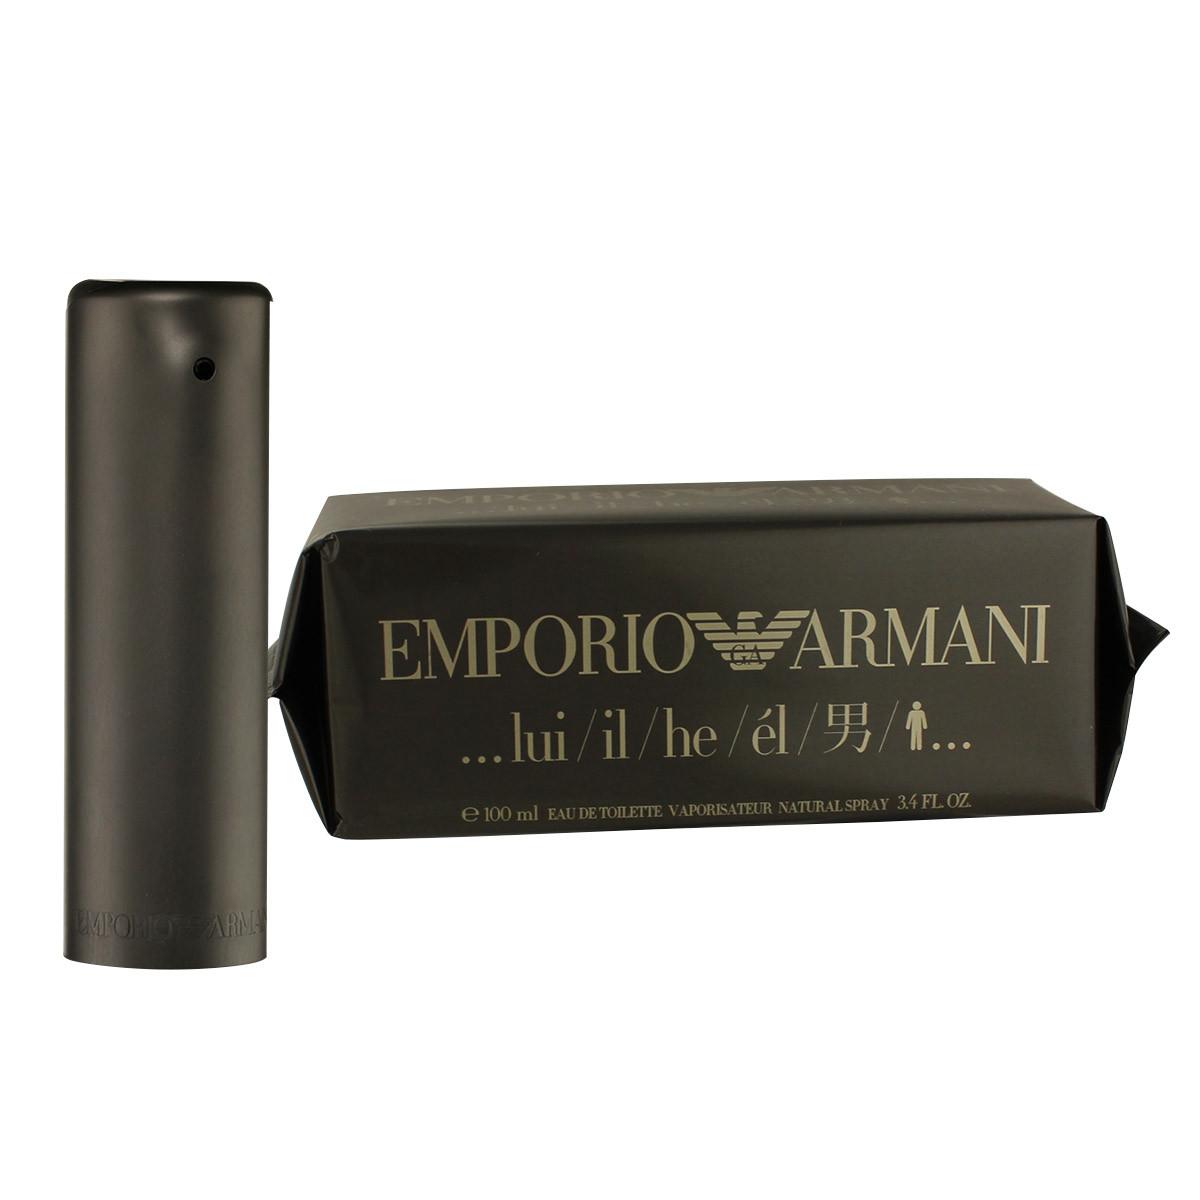 26bf1f17771d6 Armani Giorgio Emporio He Eau De Toilette 100 ml (man) - Emporio He ...